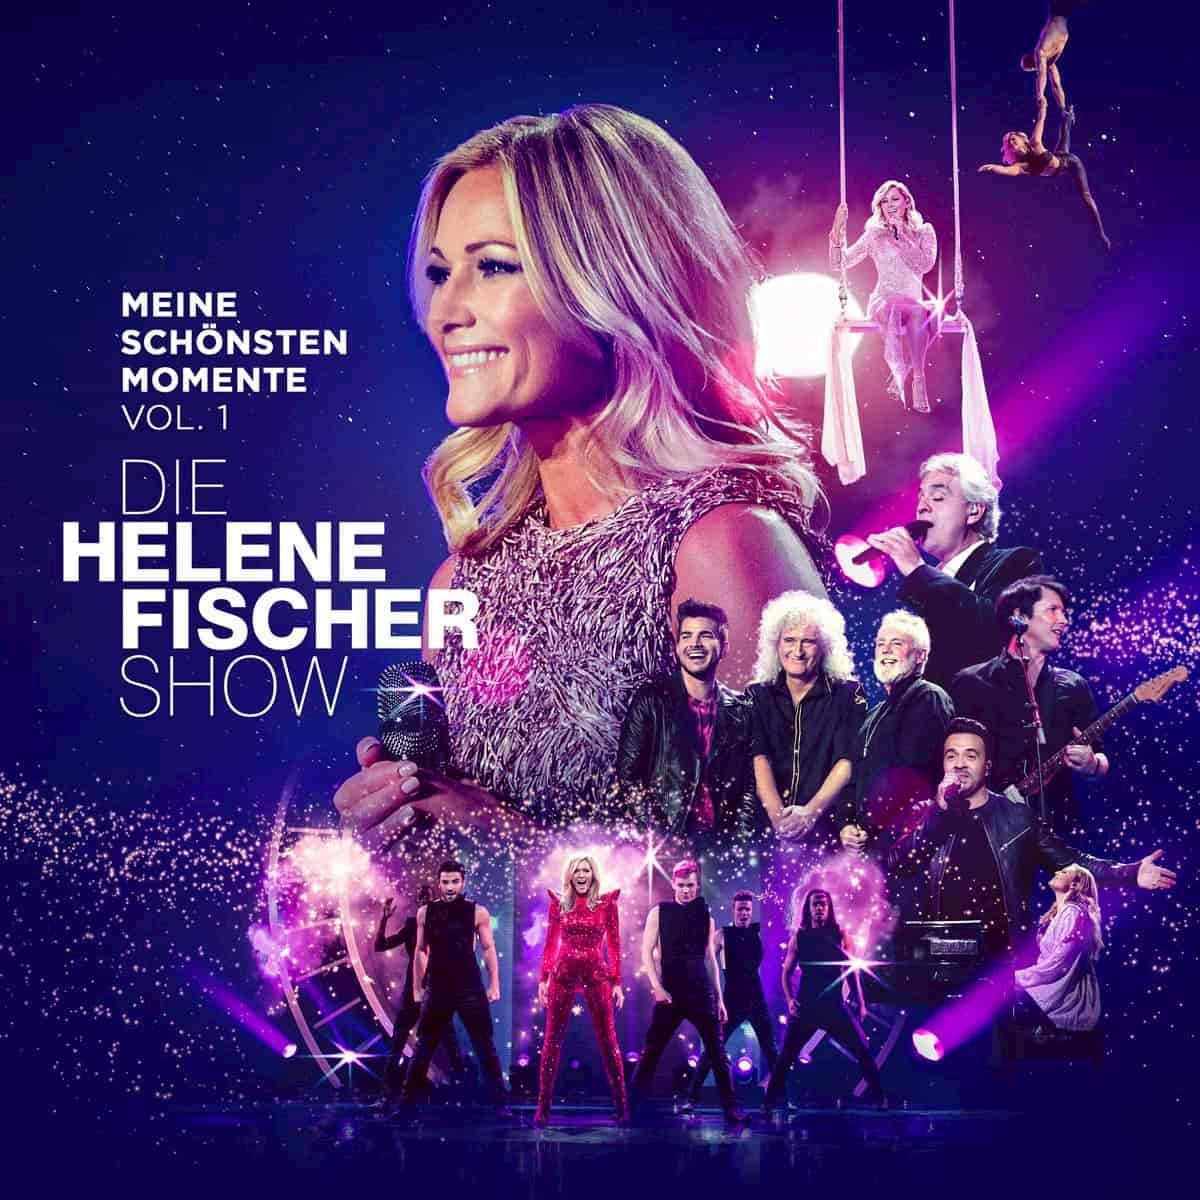 Helene Fischer Show CD Vol. 1